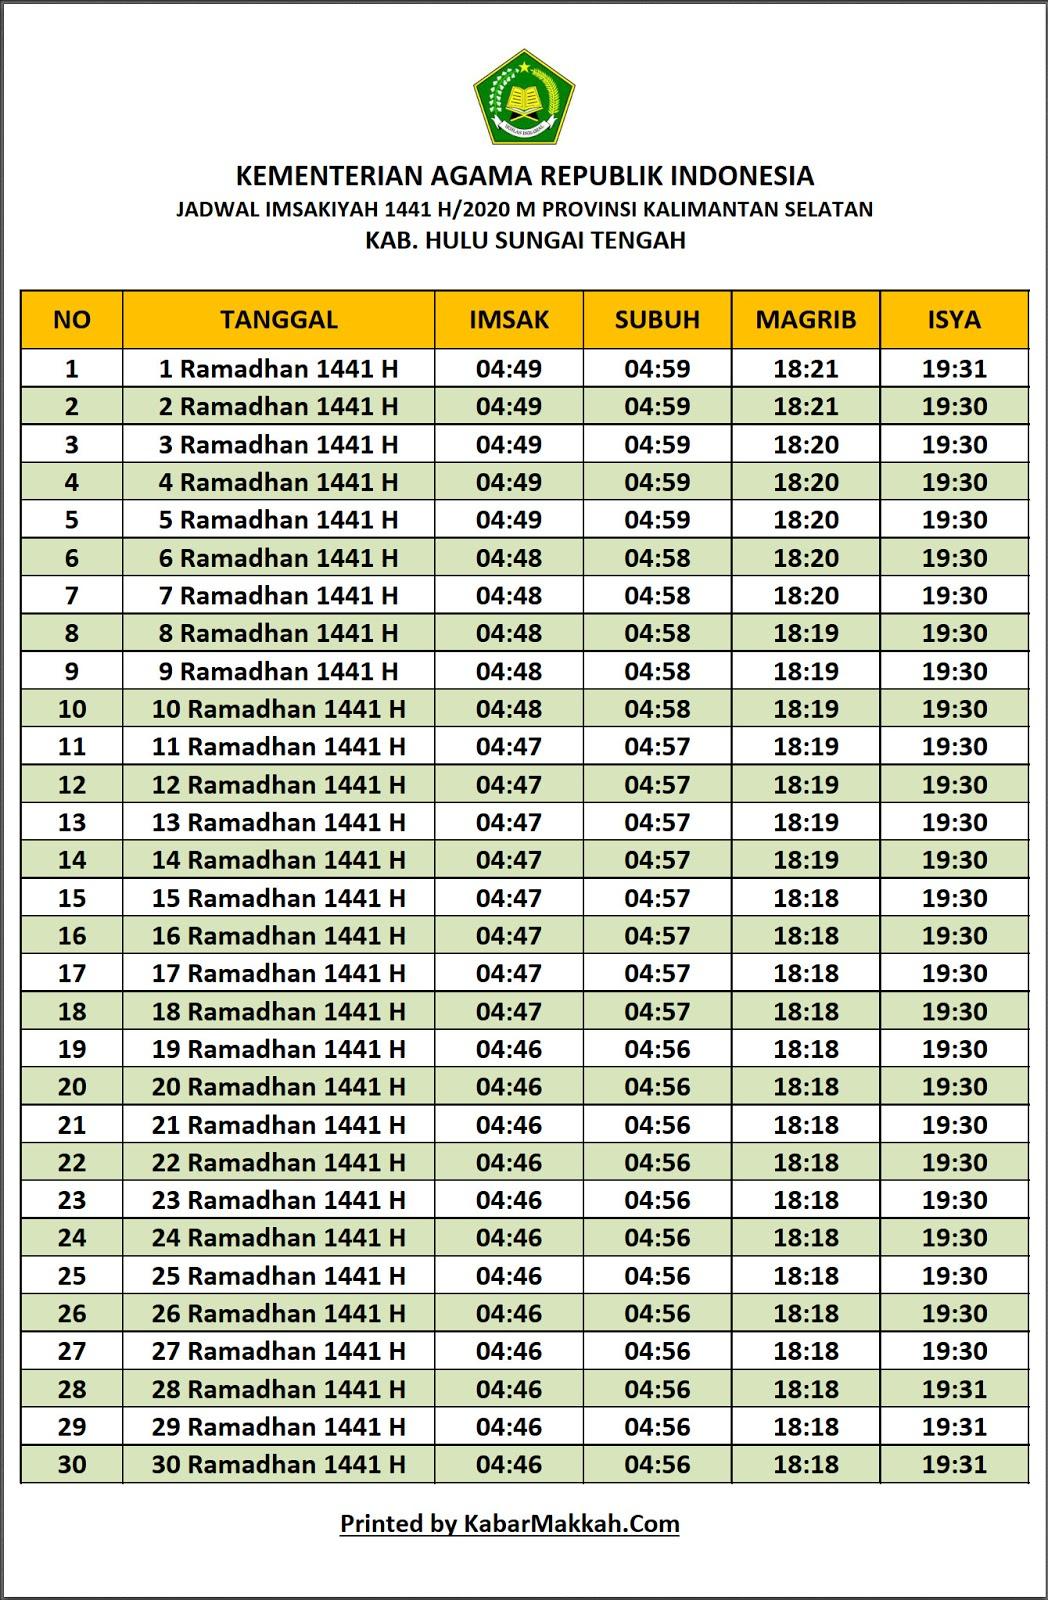 Jadwal Imsakiyah Hulu Sungai Tengah 2020